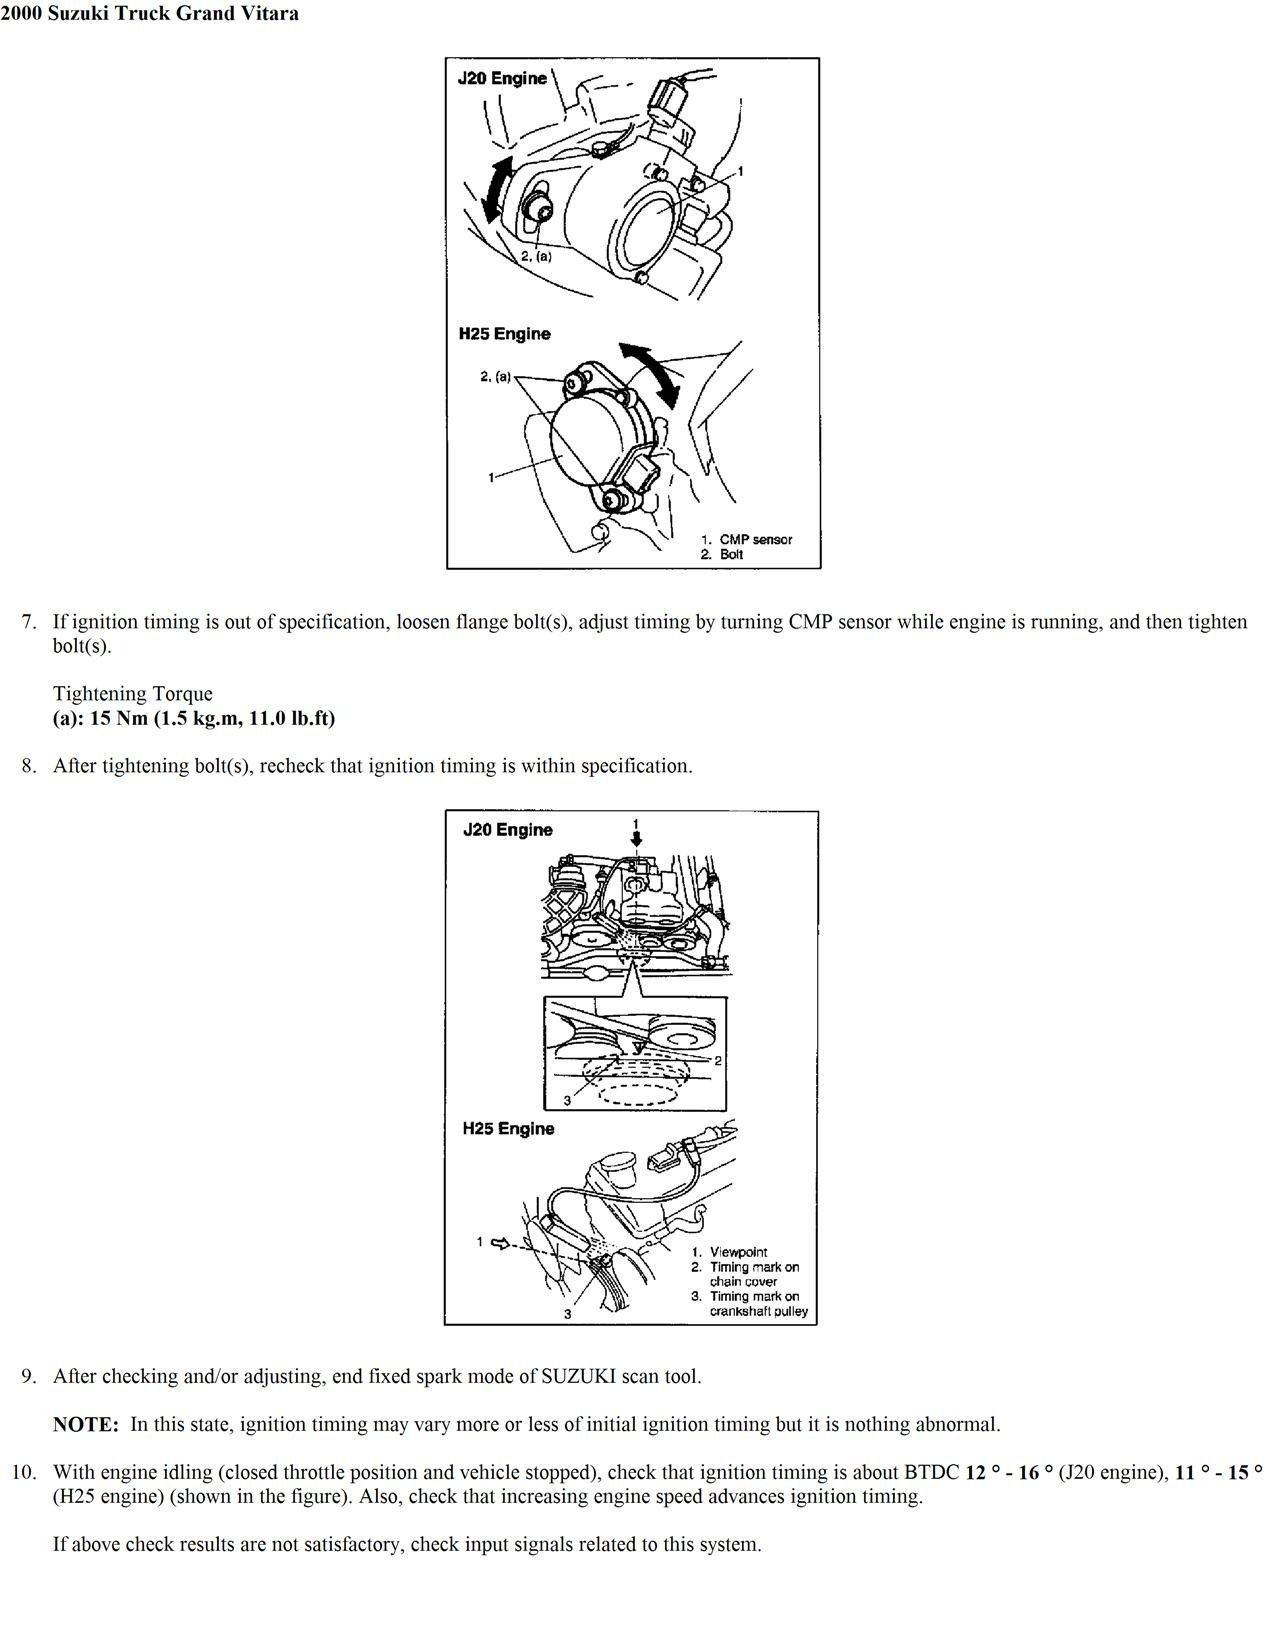 wiring diagram suzuki h20a wiring diagram detailed 1995 Suzuki Wiring-Diagram wiring diagram suzuki h20a wiring schematics diagram suzuki dr 200 wiring diagram wiring diagram suzuki h20a